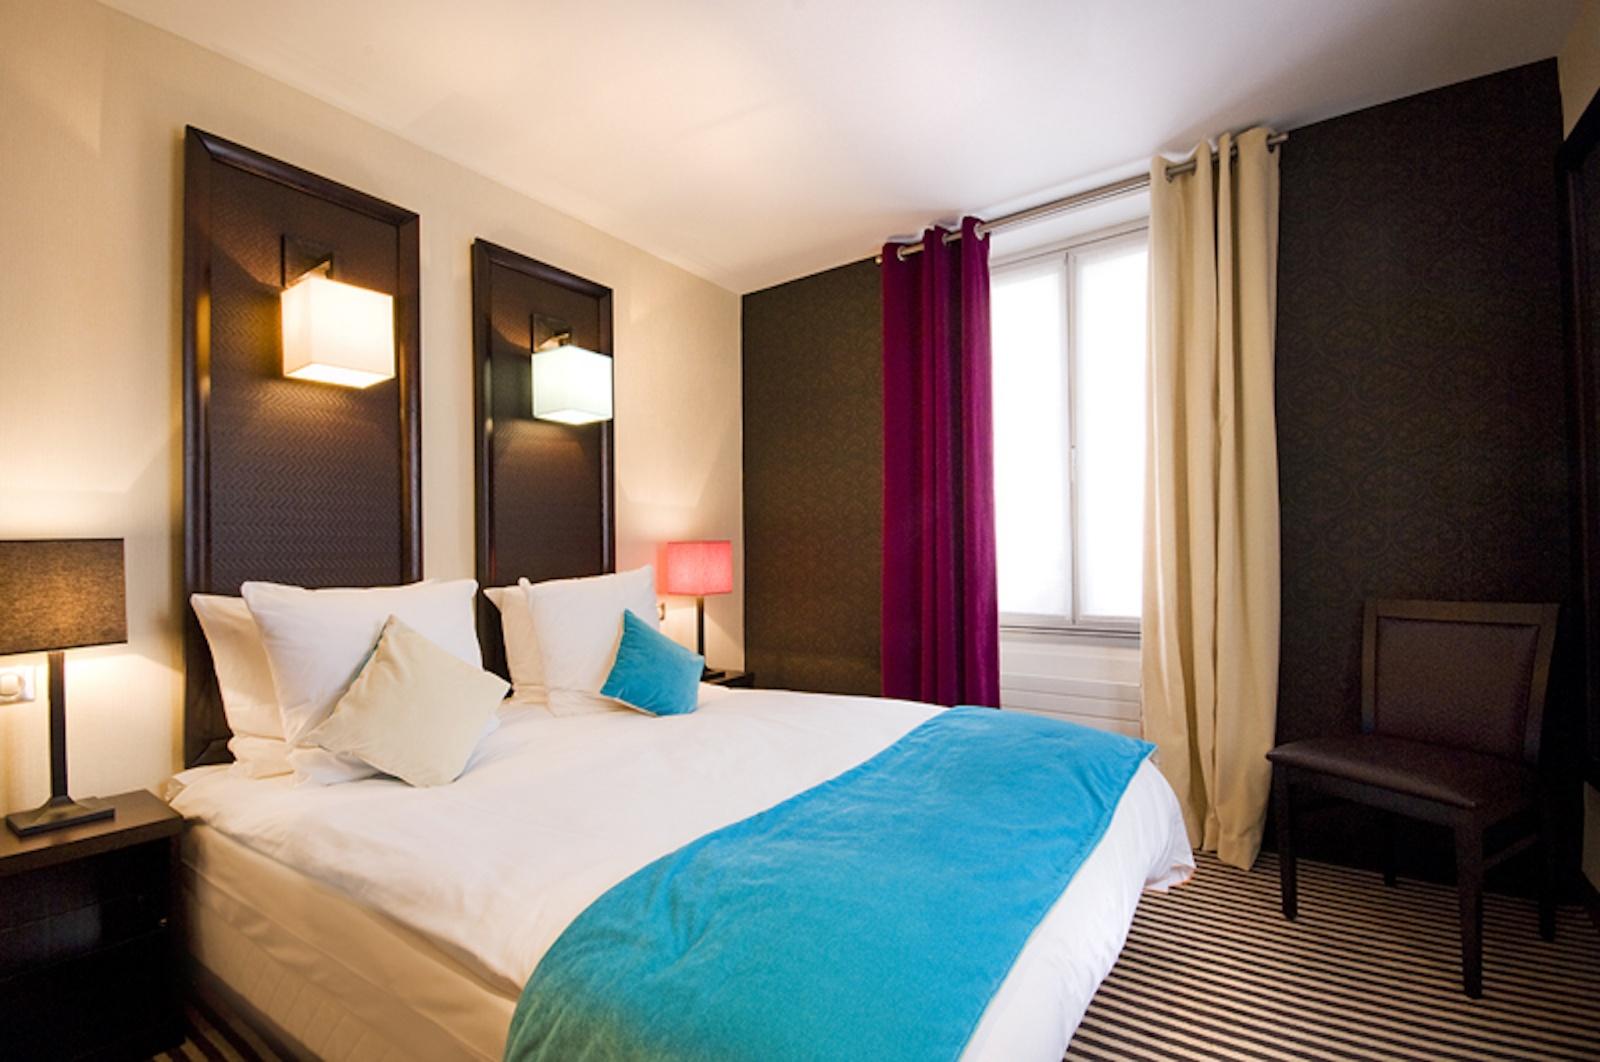 CHAMBRE SINGLE CLASSIQUE 11 m² en moyenne | Hôtel Pax Opéra, Paris